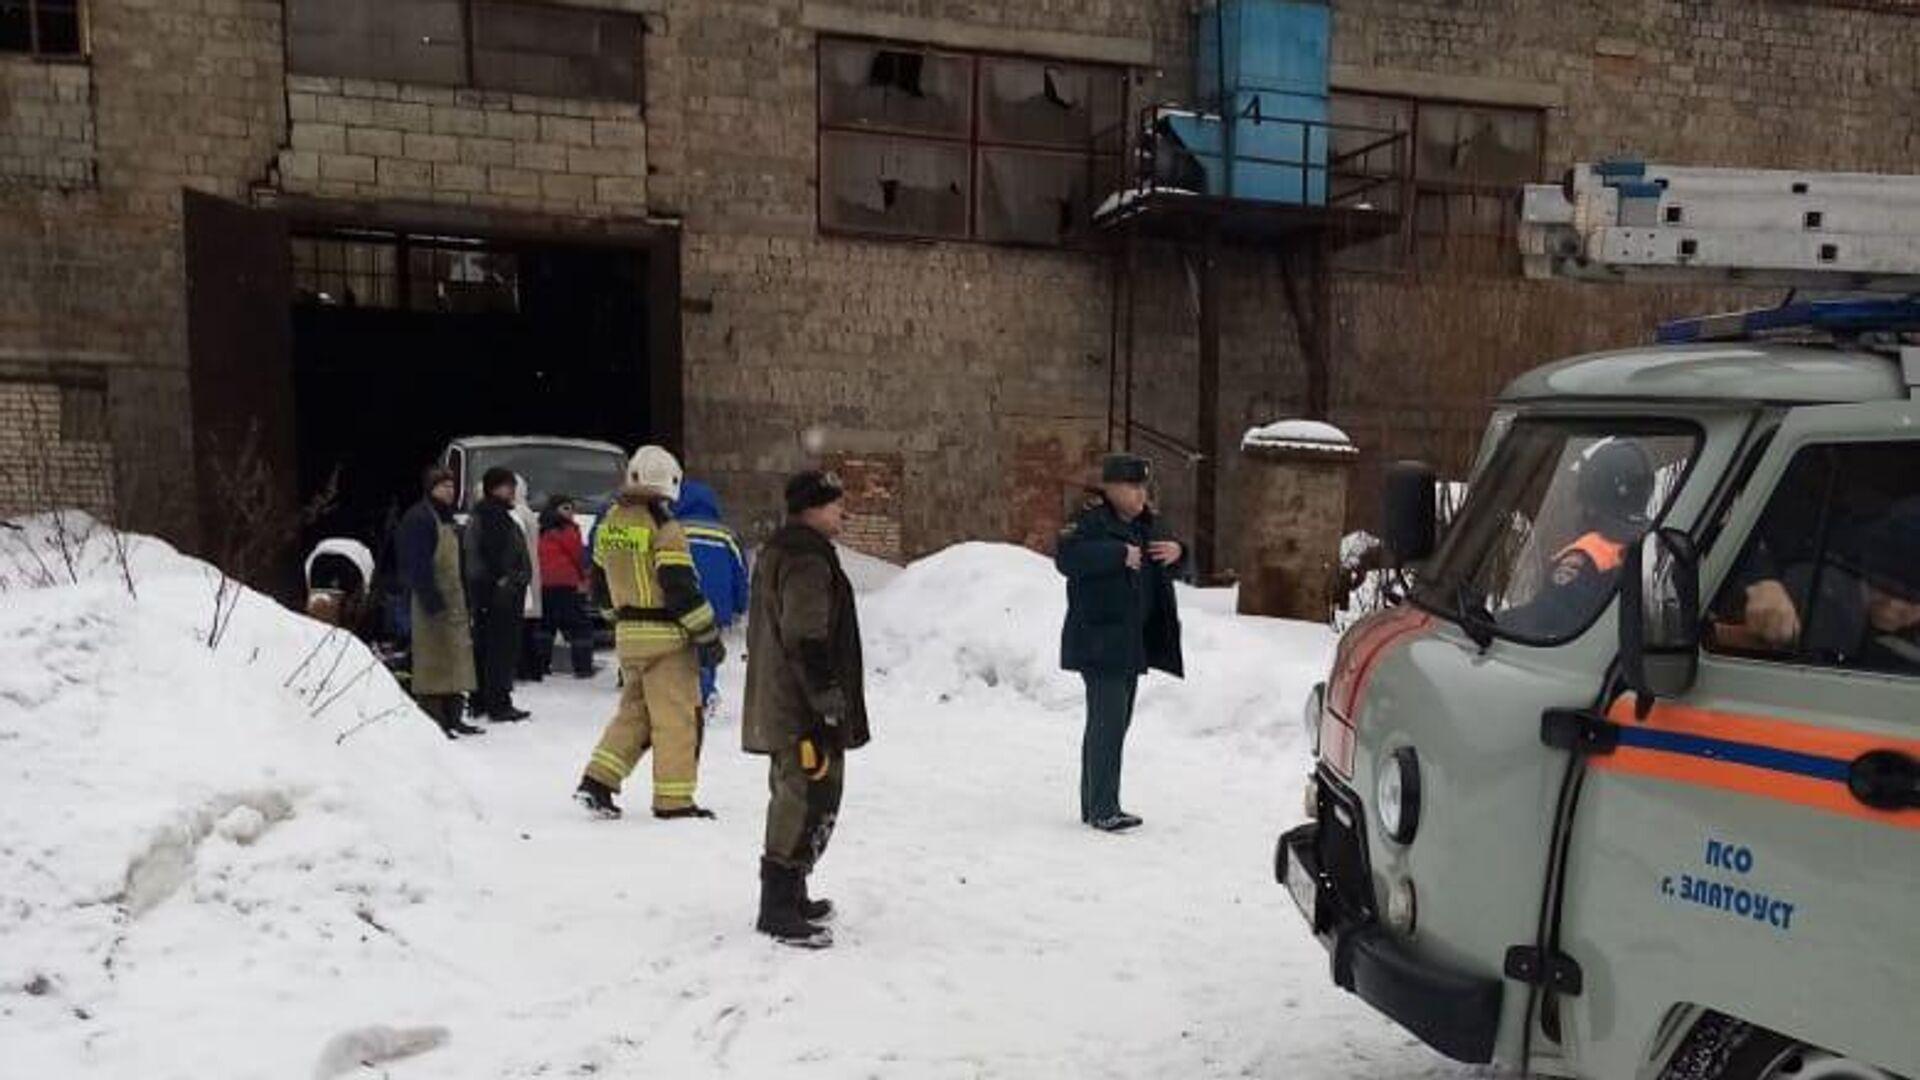 На месте взрыва газового оборудования в цехе ООО Уральская сталелитейная компания в Златоусте - РИА Новости, 1920, 05.03.2021